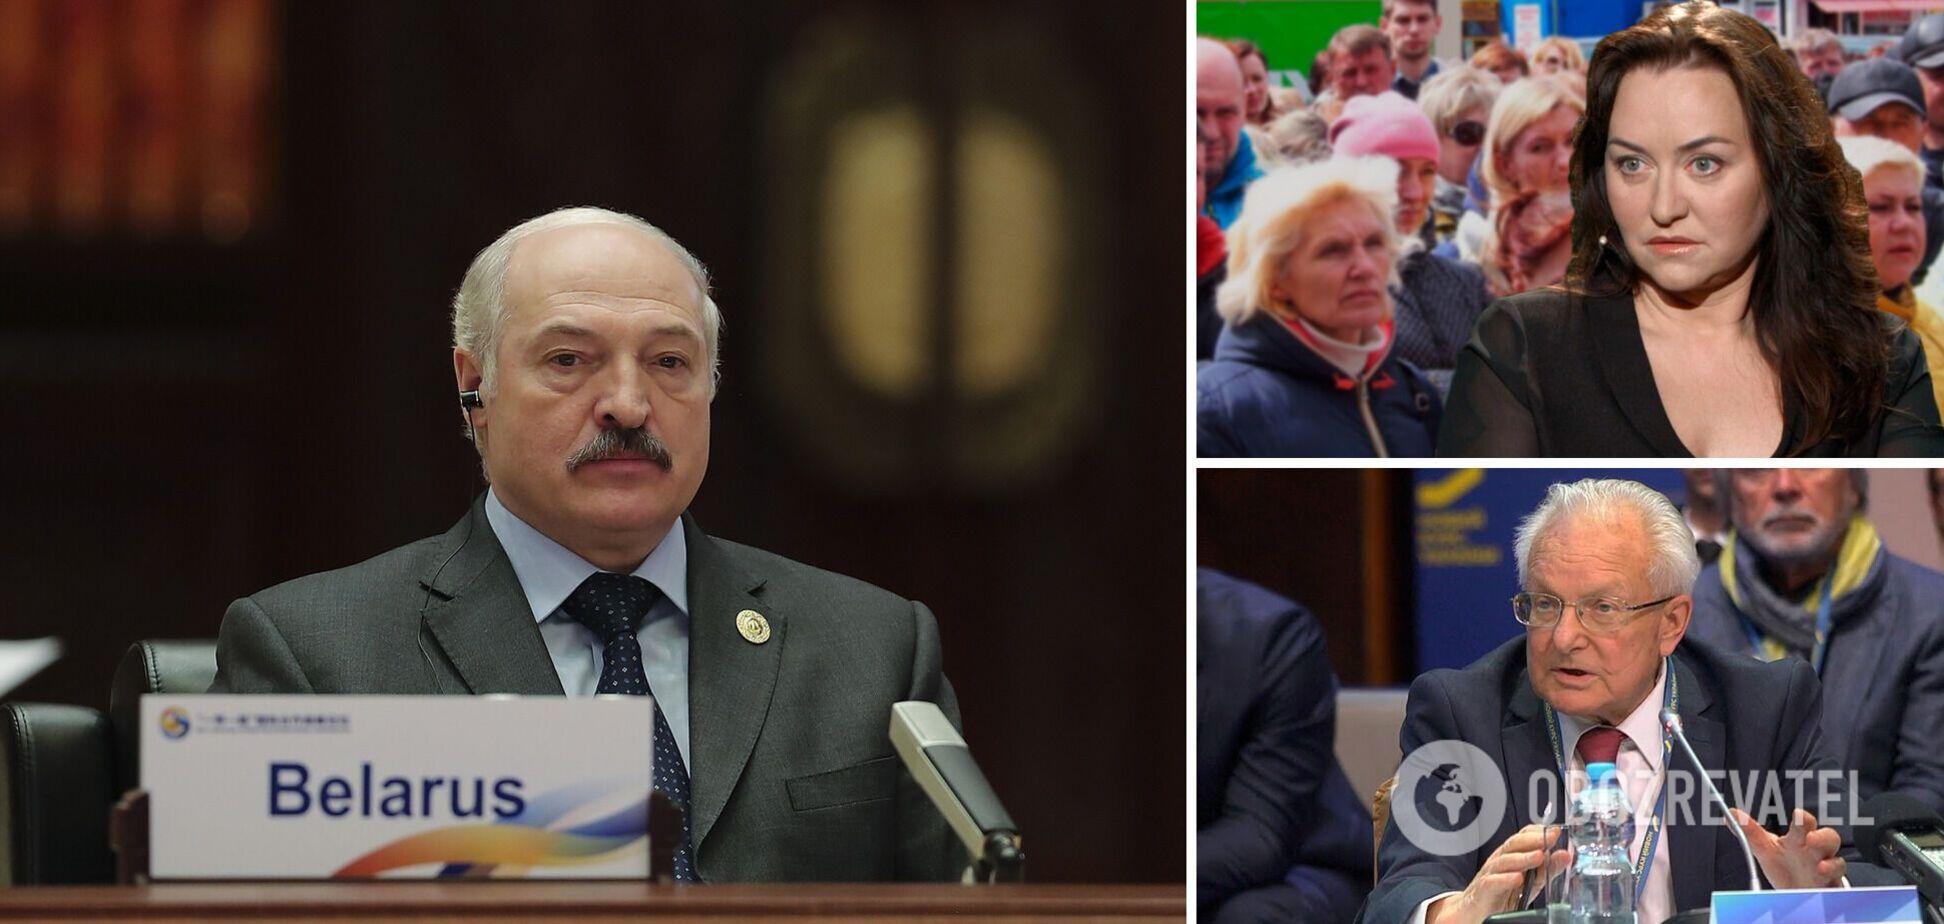 Беларусь могут отключить от SWIFT, чем ответит Лукашенко? Эксперты озвучили прогнозы